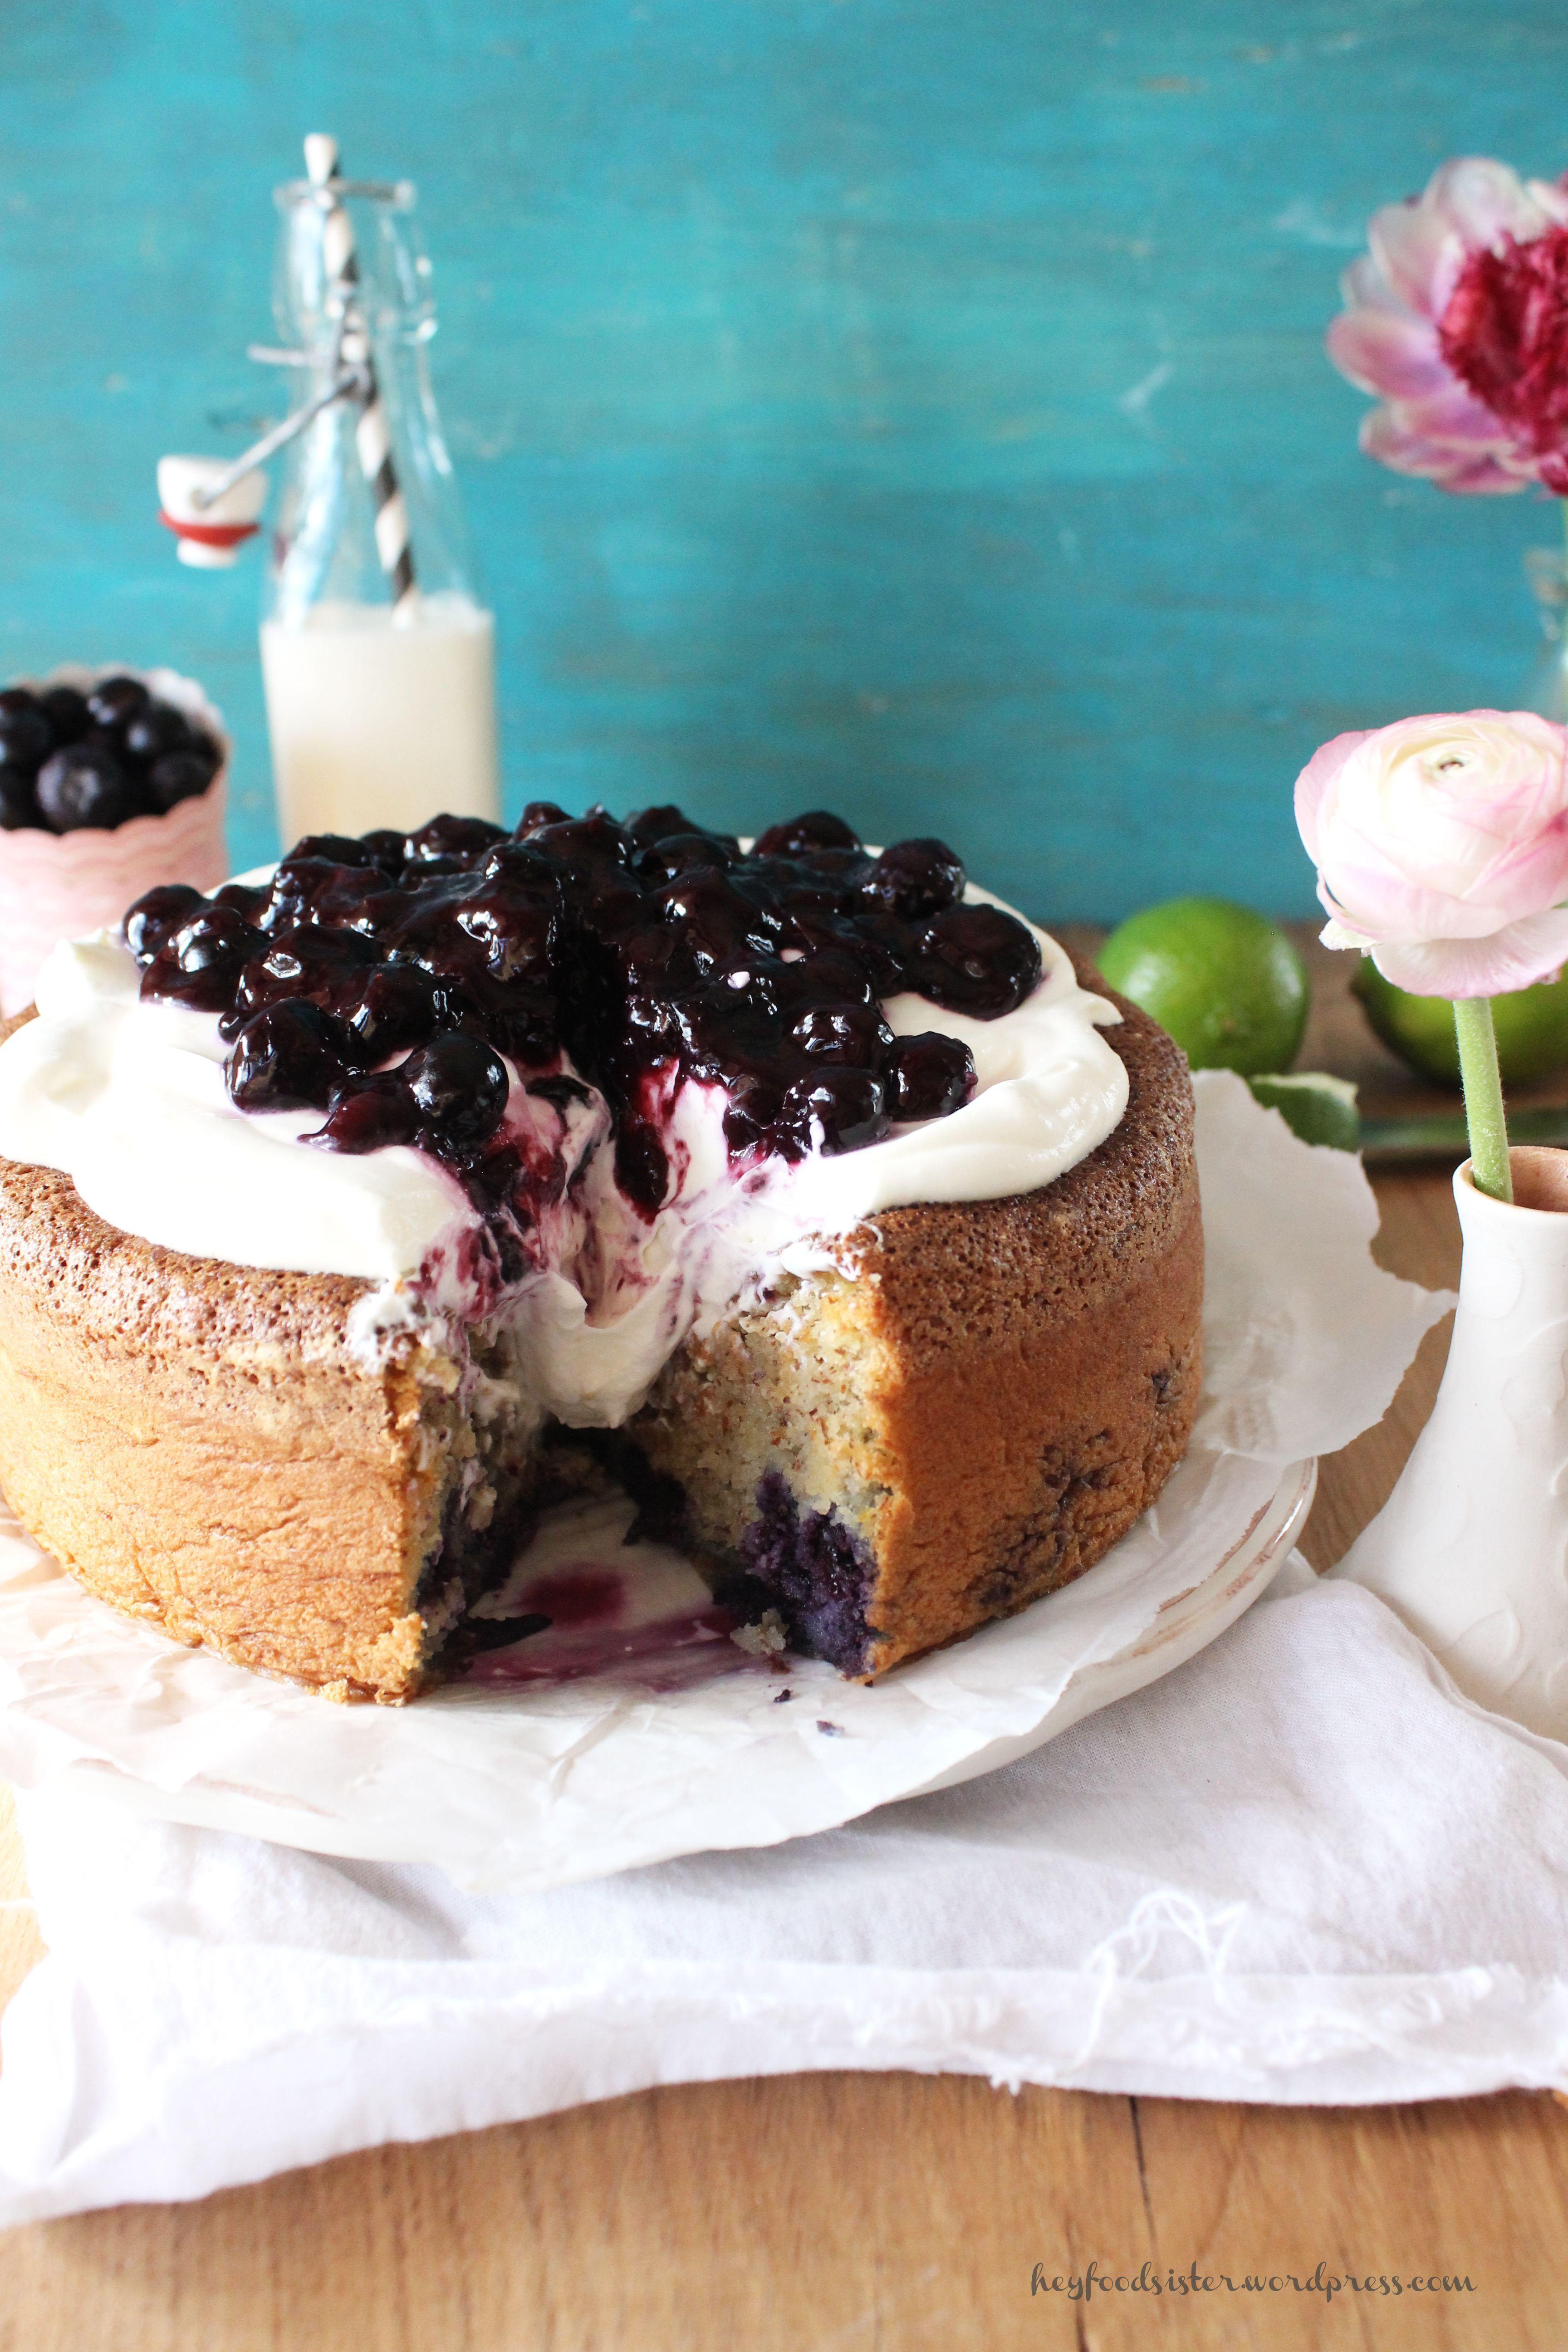 Rezept für einen Mandelkuchen mit Heidelbeeren und Joghurt Sahne Topping